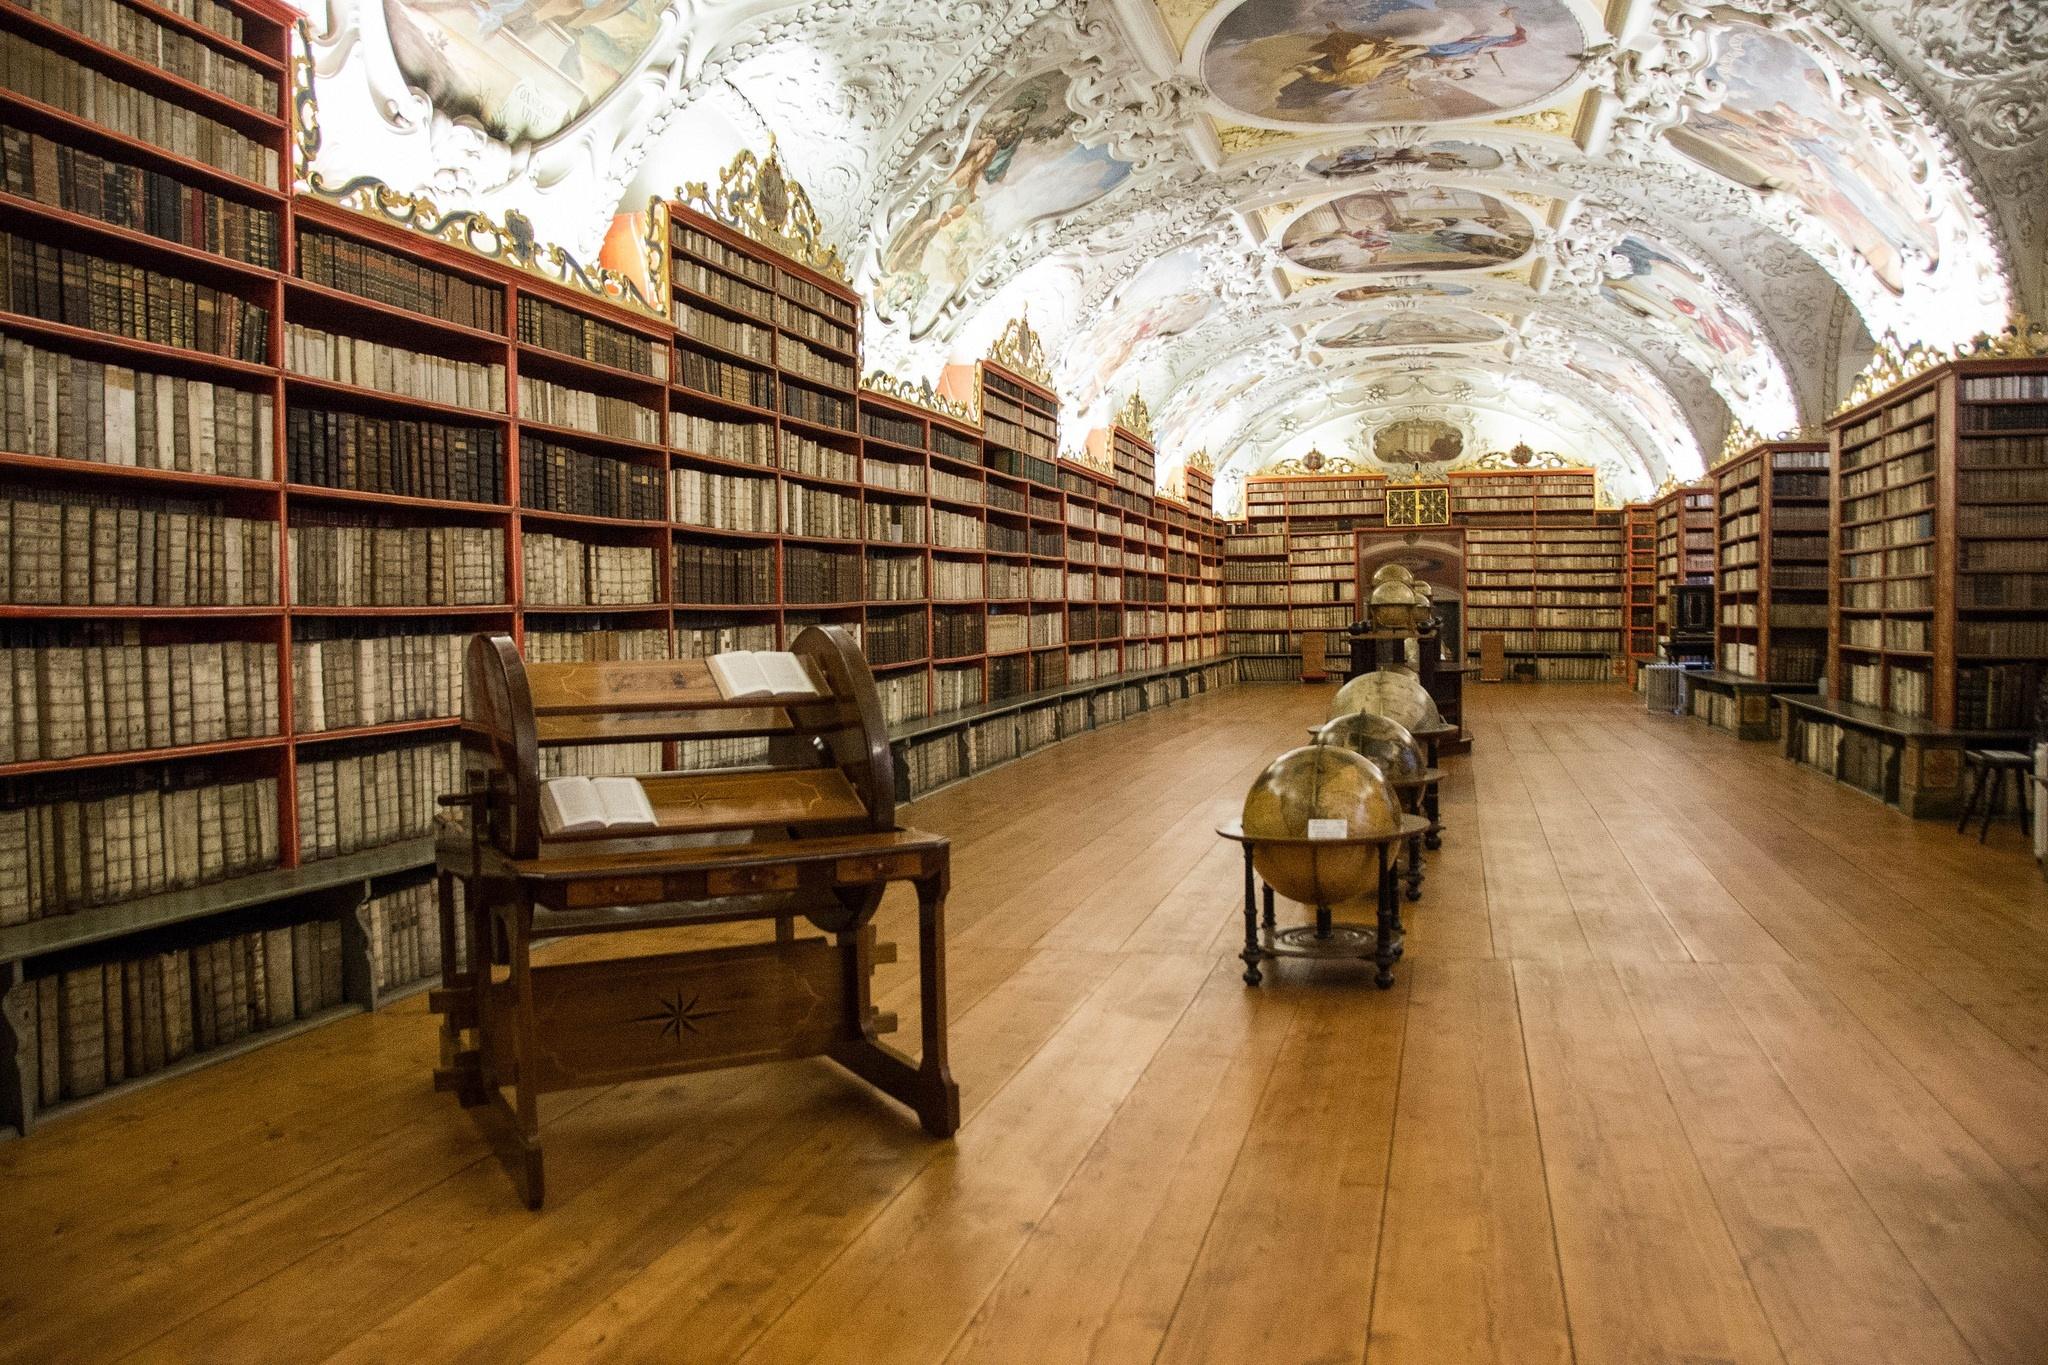 Ստրագովյան մենաստանի գրադարան